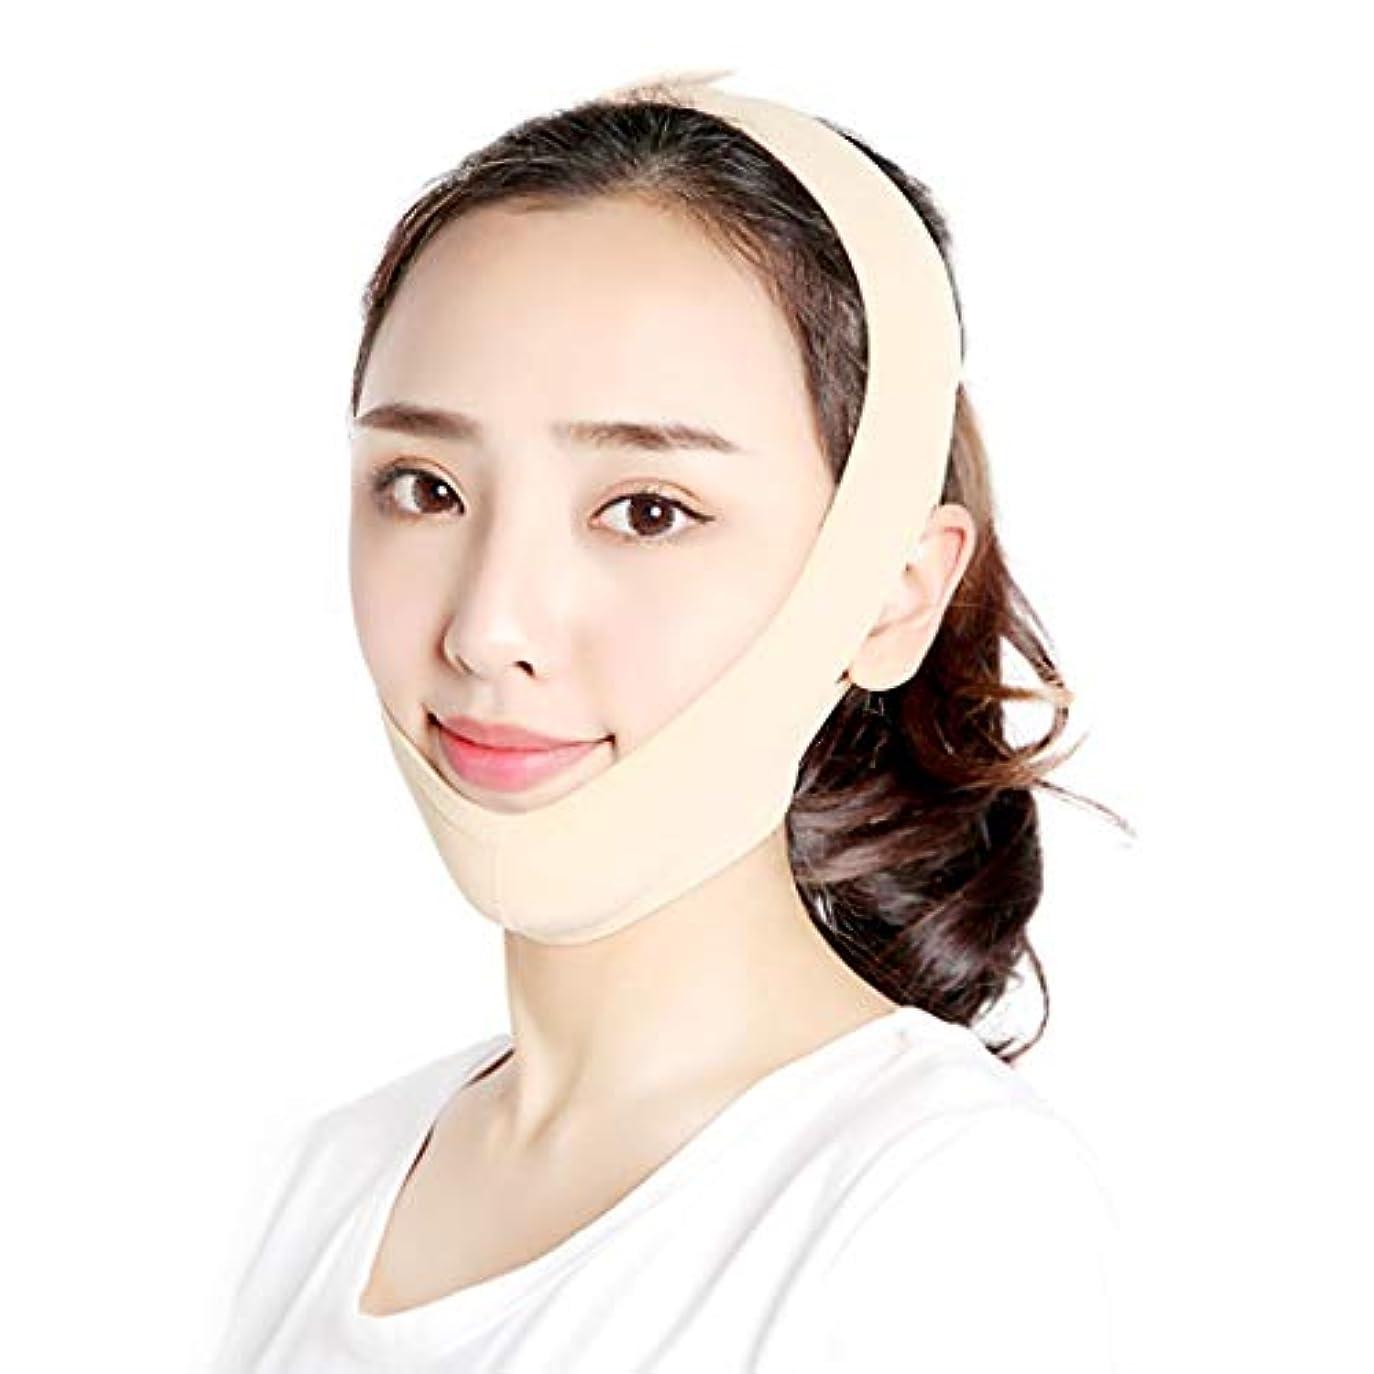 湿った満員輝くZWBD フェイスマスク, フェイスリフティング包帯V字型マスクヘッドギアフェイシャルリフティングシェイピングリフティング引き締め (Size : XL)